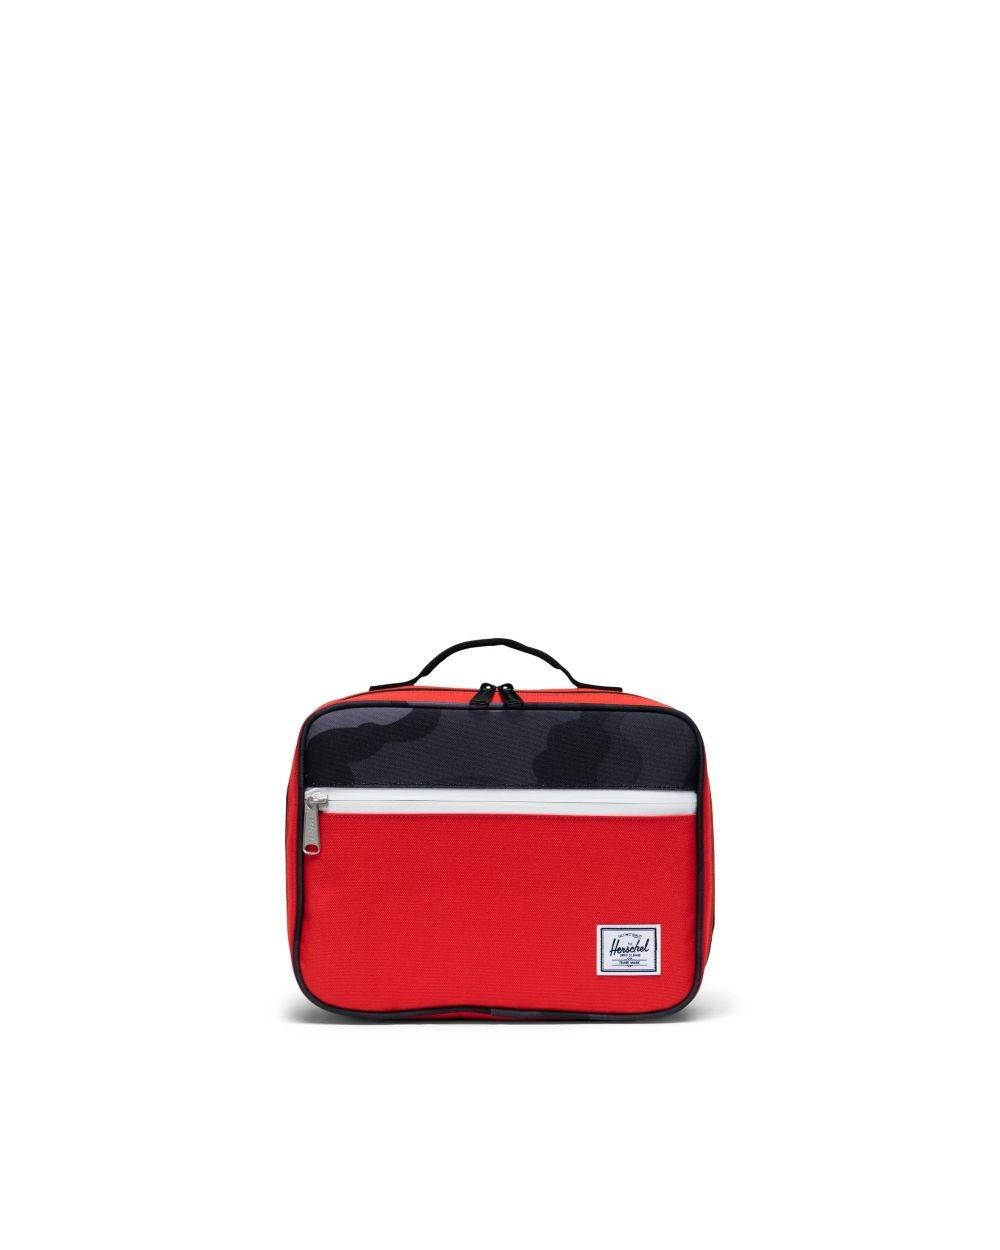 Herschel Supply Co. Pop Quiz Lunch Box